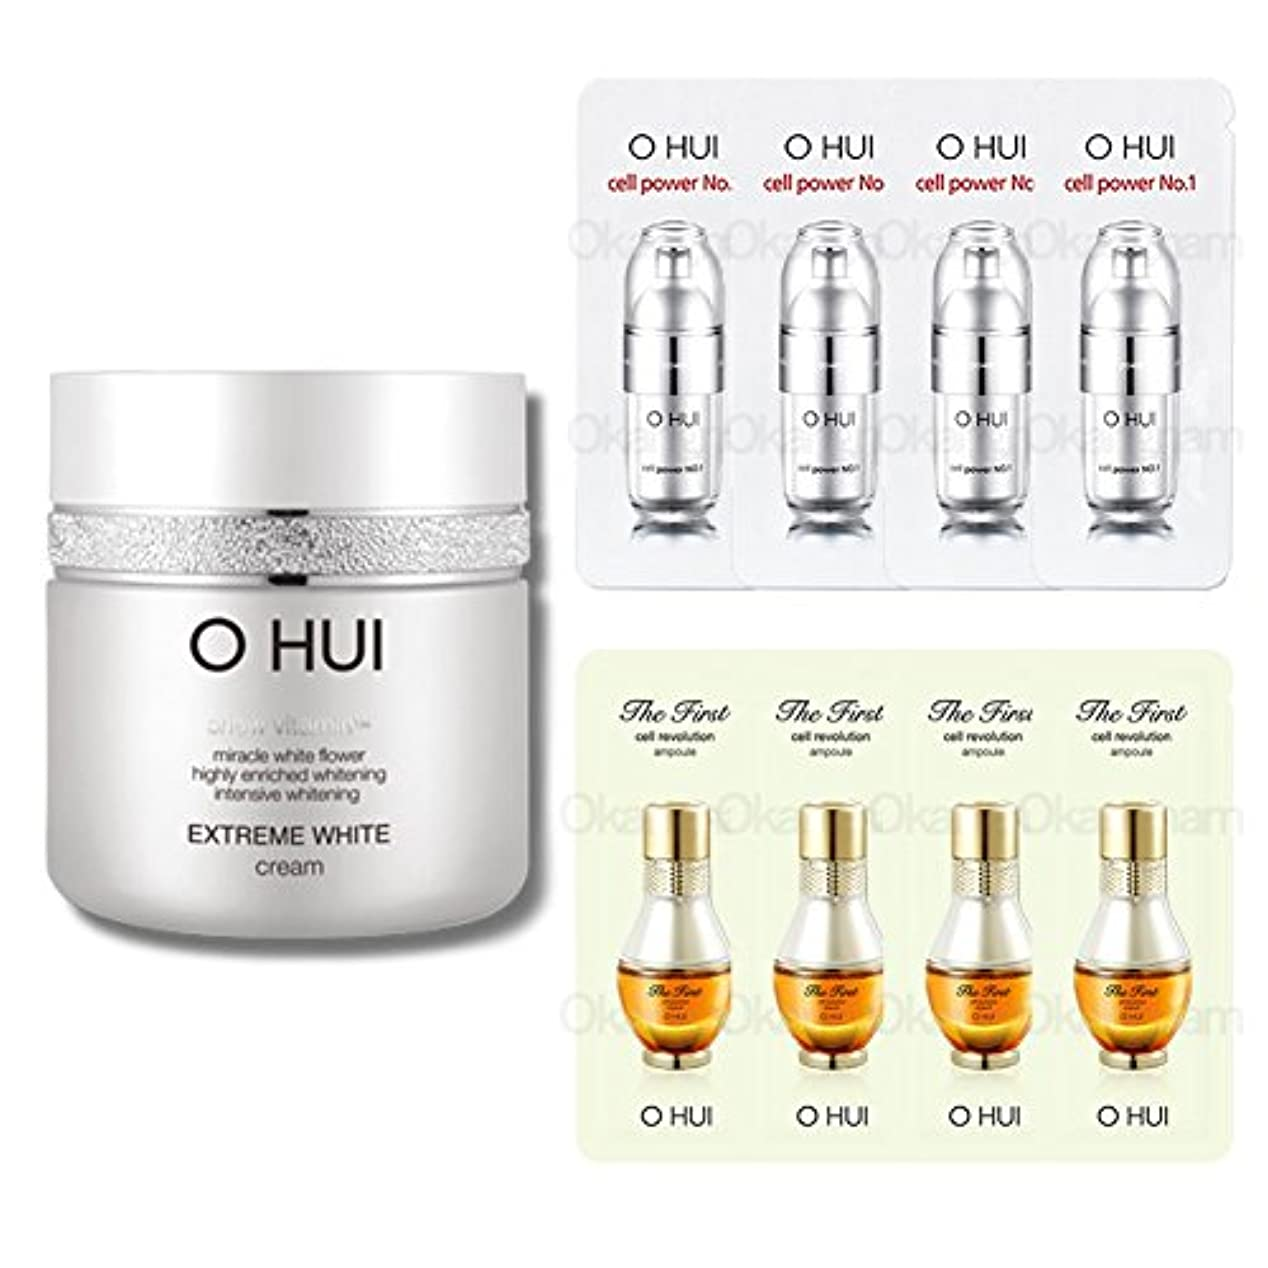 何でも満了眉をひそめる[オフィ/ O HUI]韓国化粧品 LG生活健康/ OHUI OEW04 EXTREME WHITE CREAM/オフィ エクストリーム ホワイトクリーム 50ml +[Sample Gift](海外直送品)